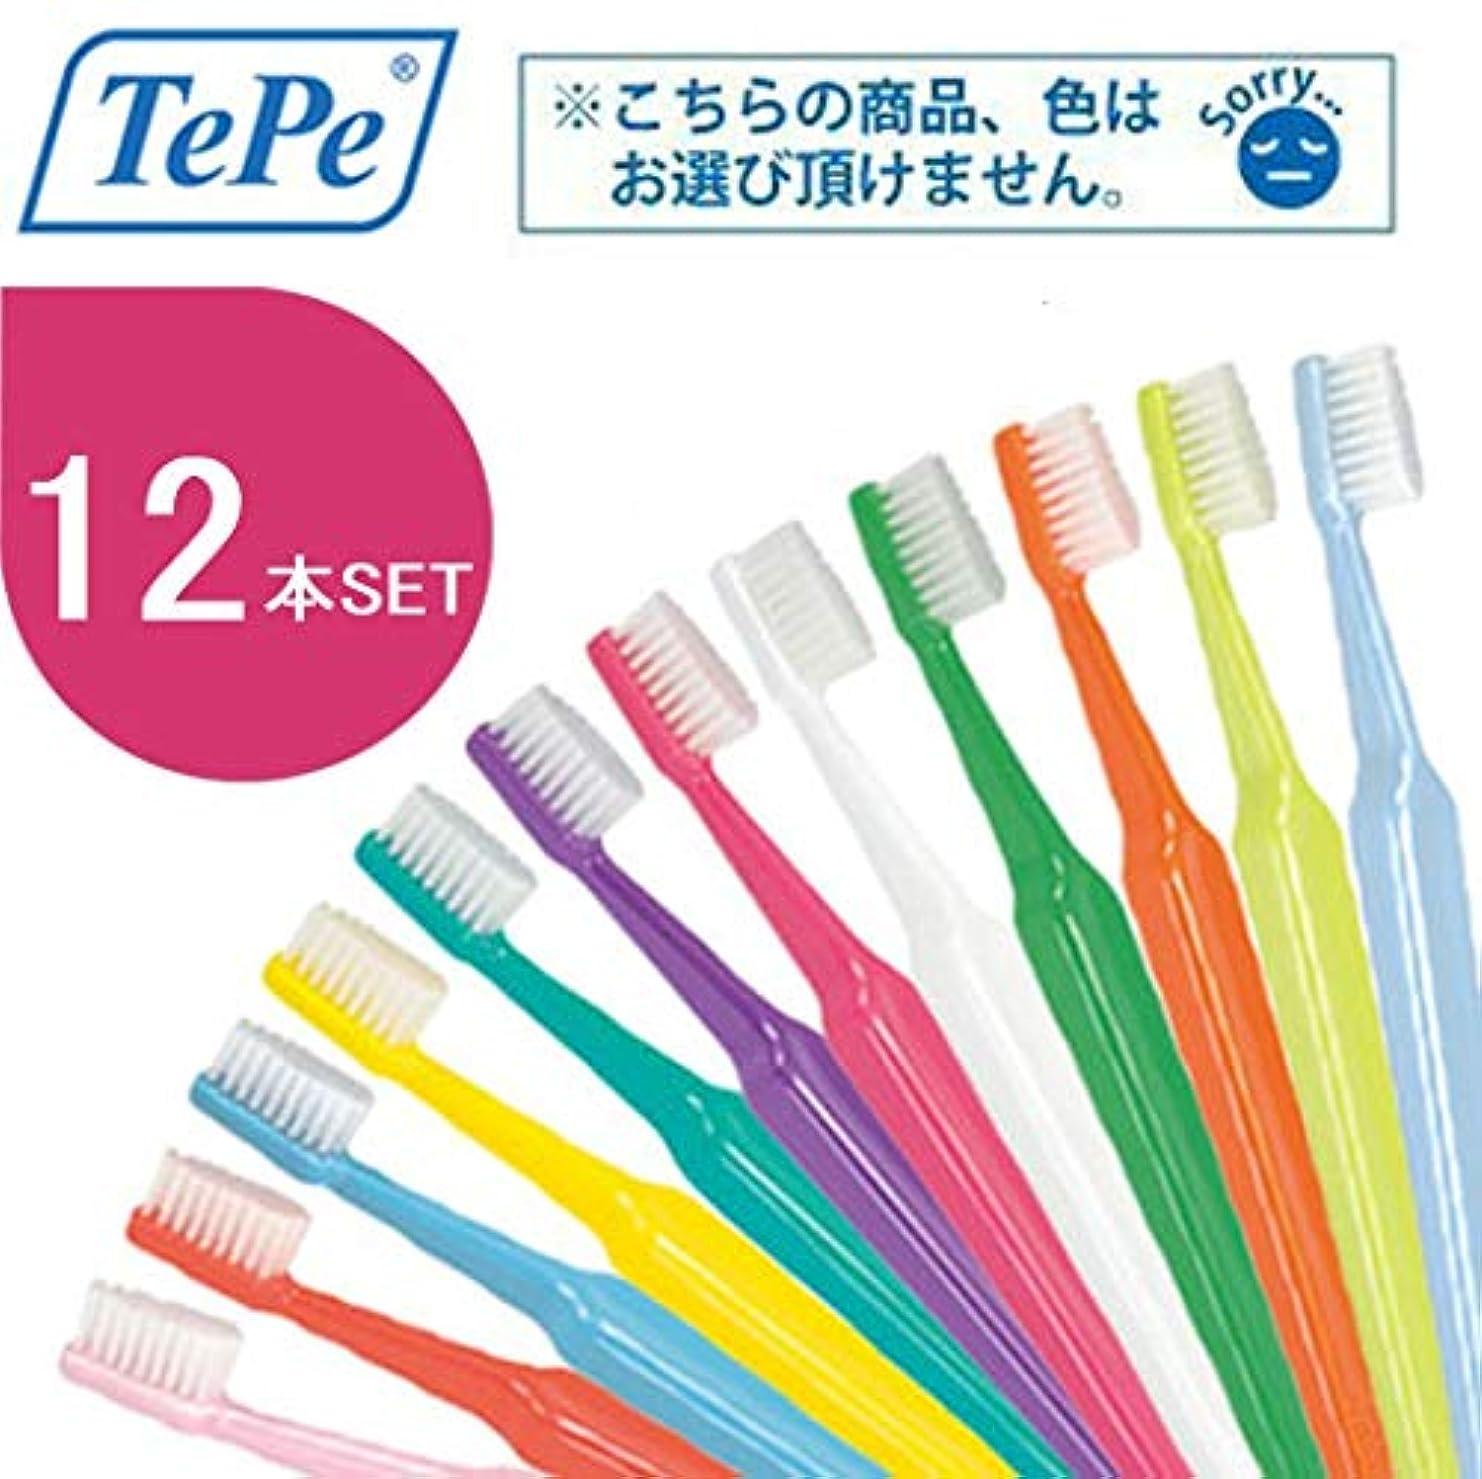 説教する飛ぶピアクロスフィールド TePe テペ セレクト 歯ブラシ 12本 (エクストラソフト)